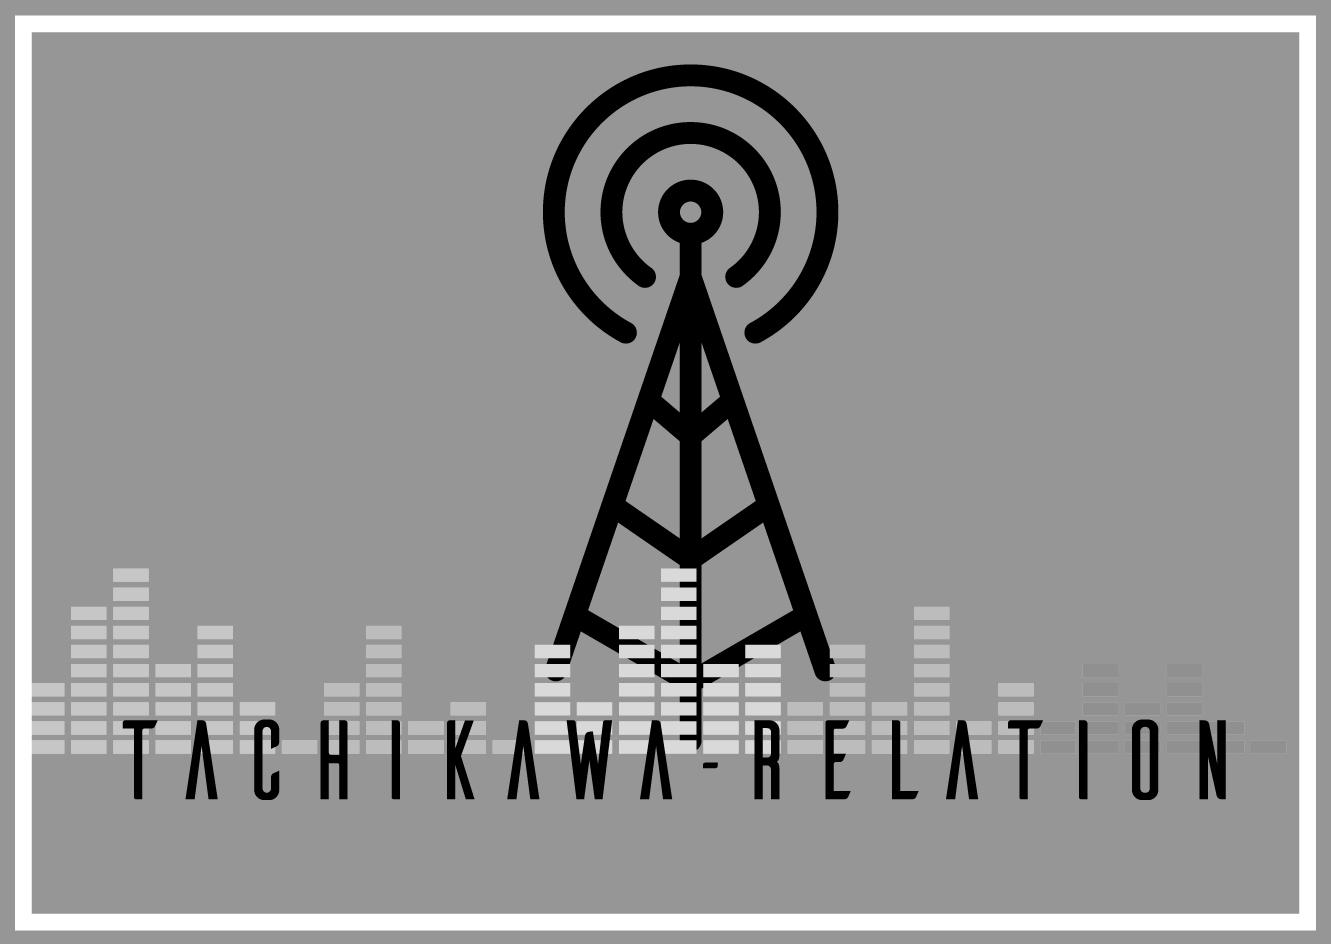 立川ラジオ